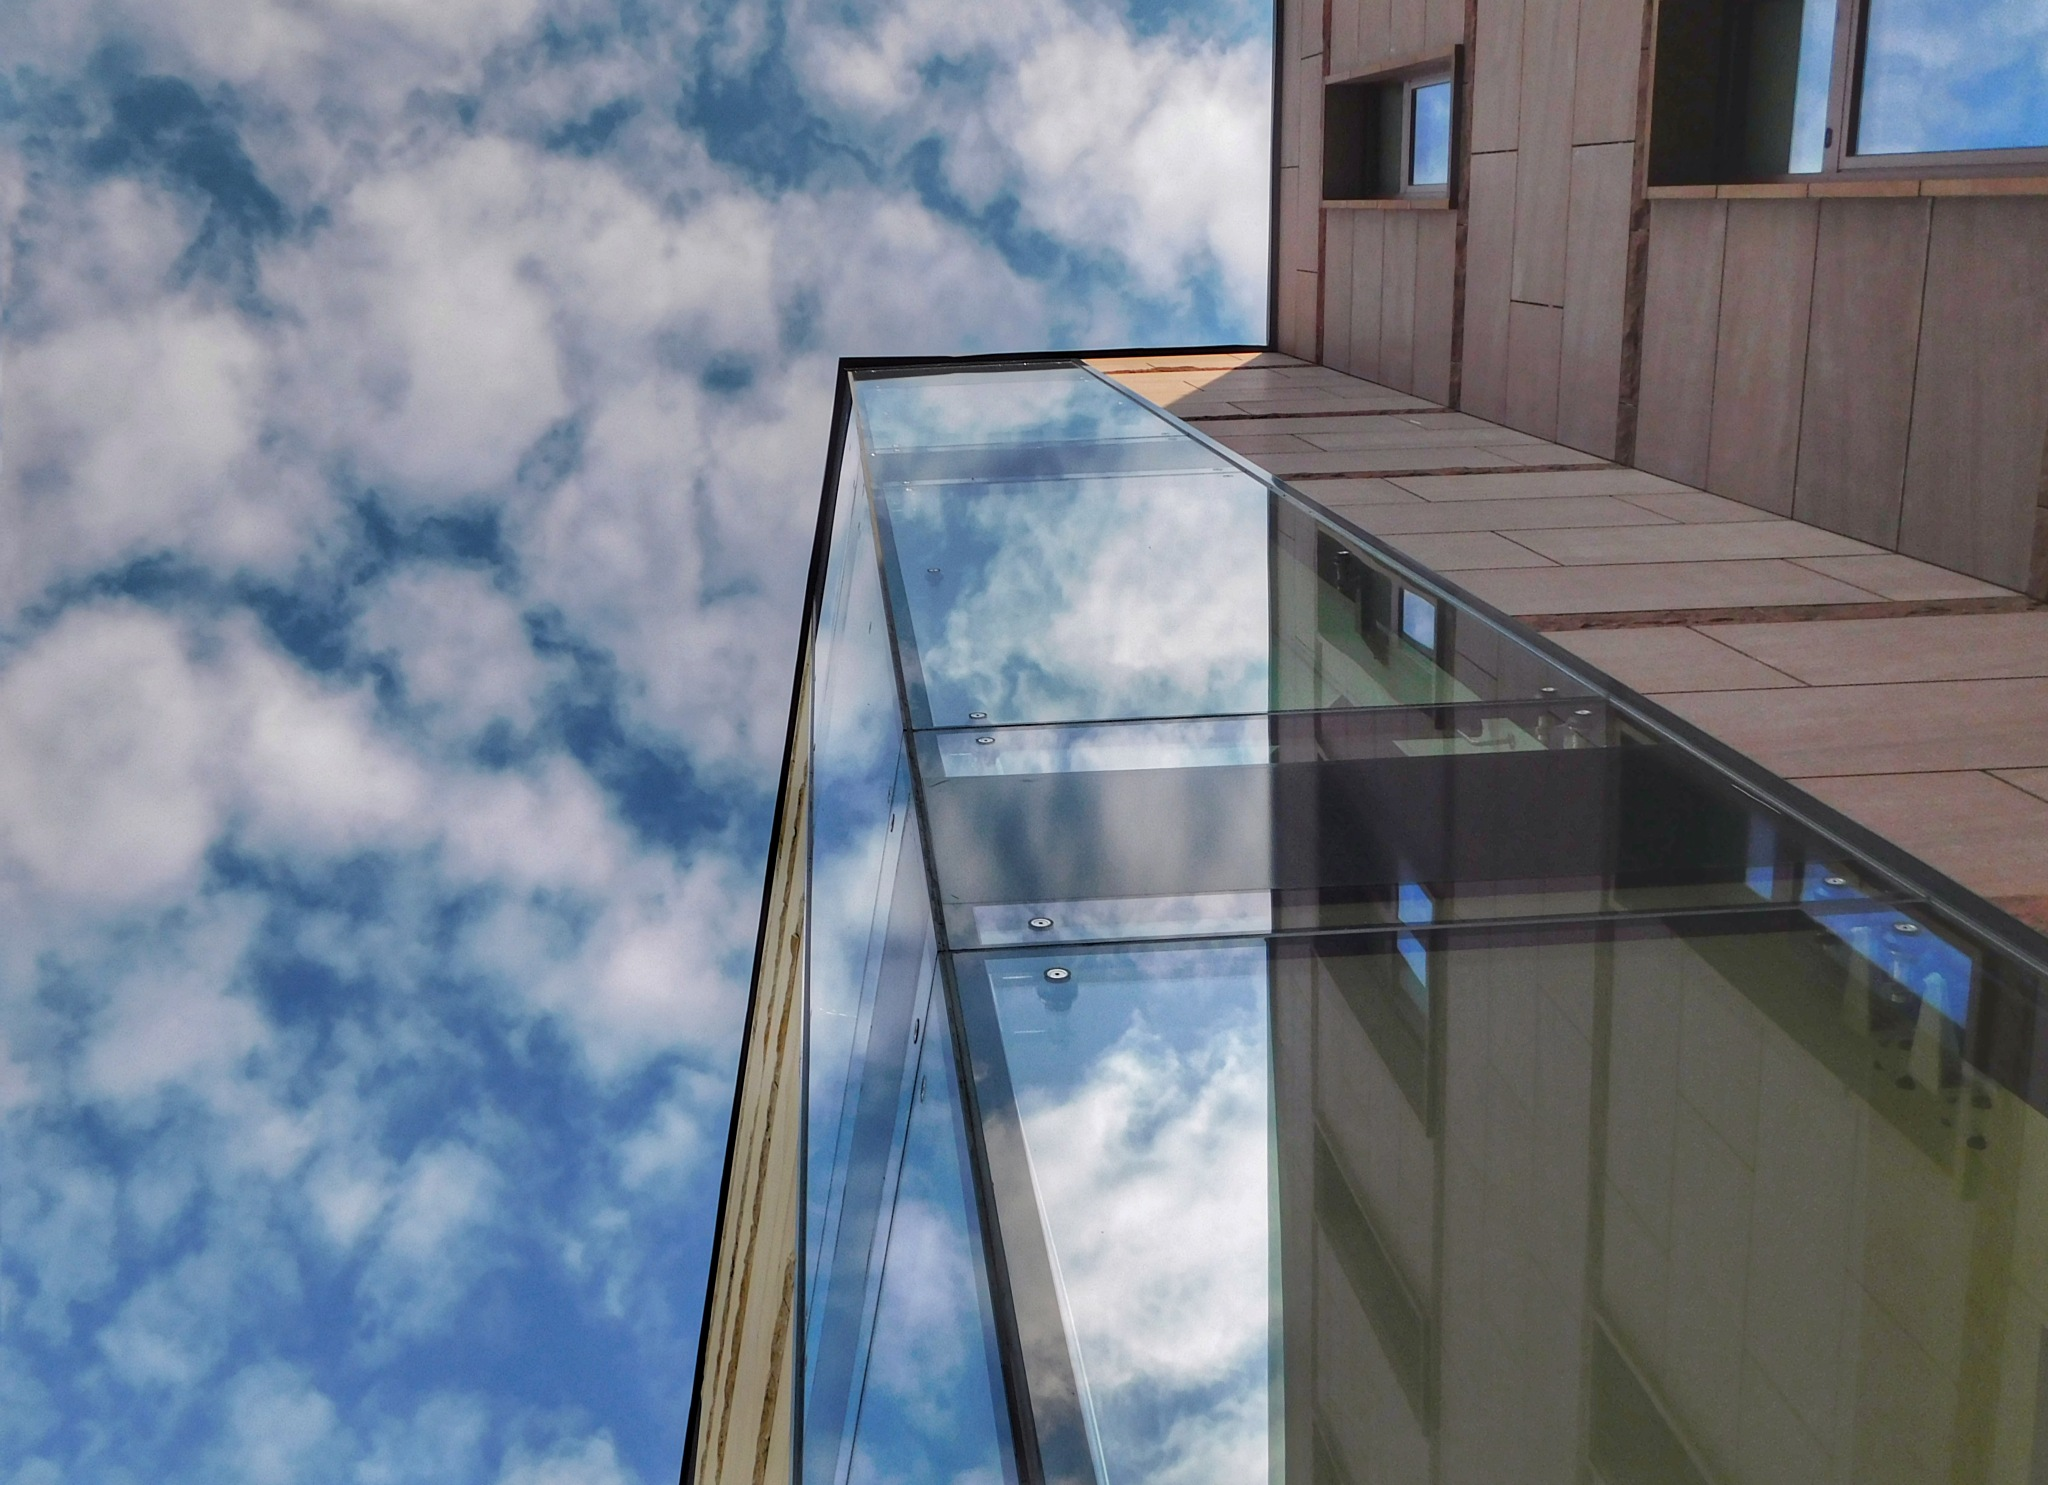 clouds vol.2 by Grzegorz Skwarliński